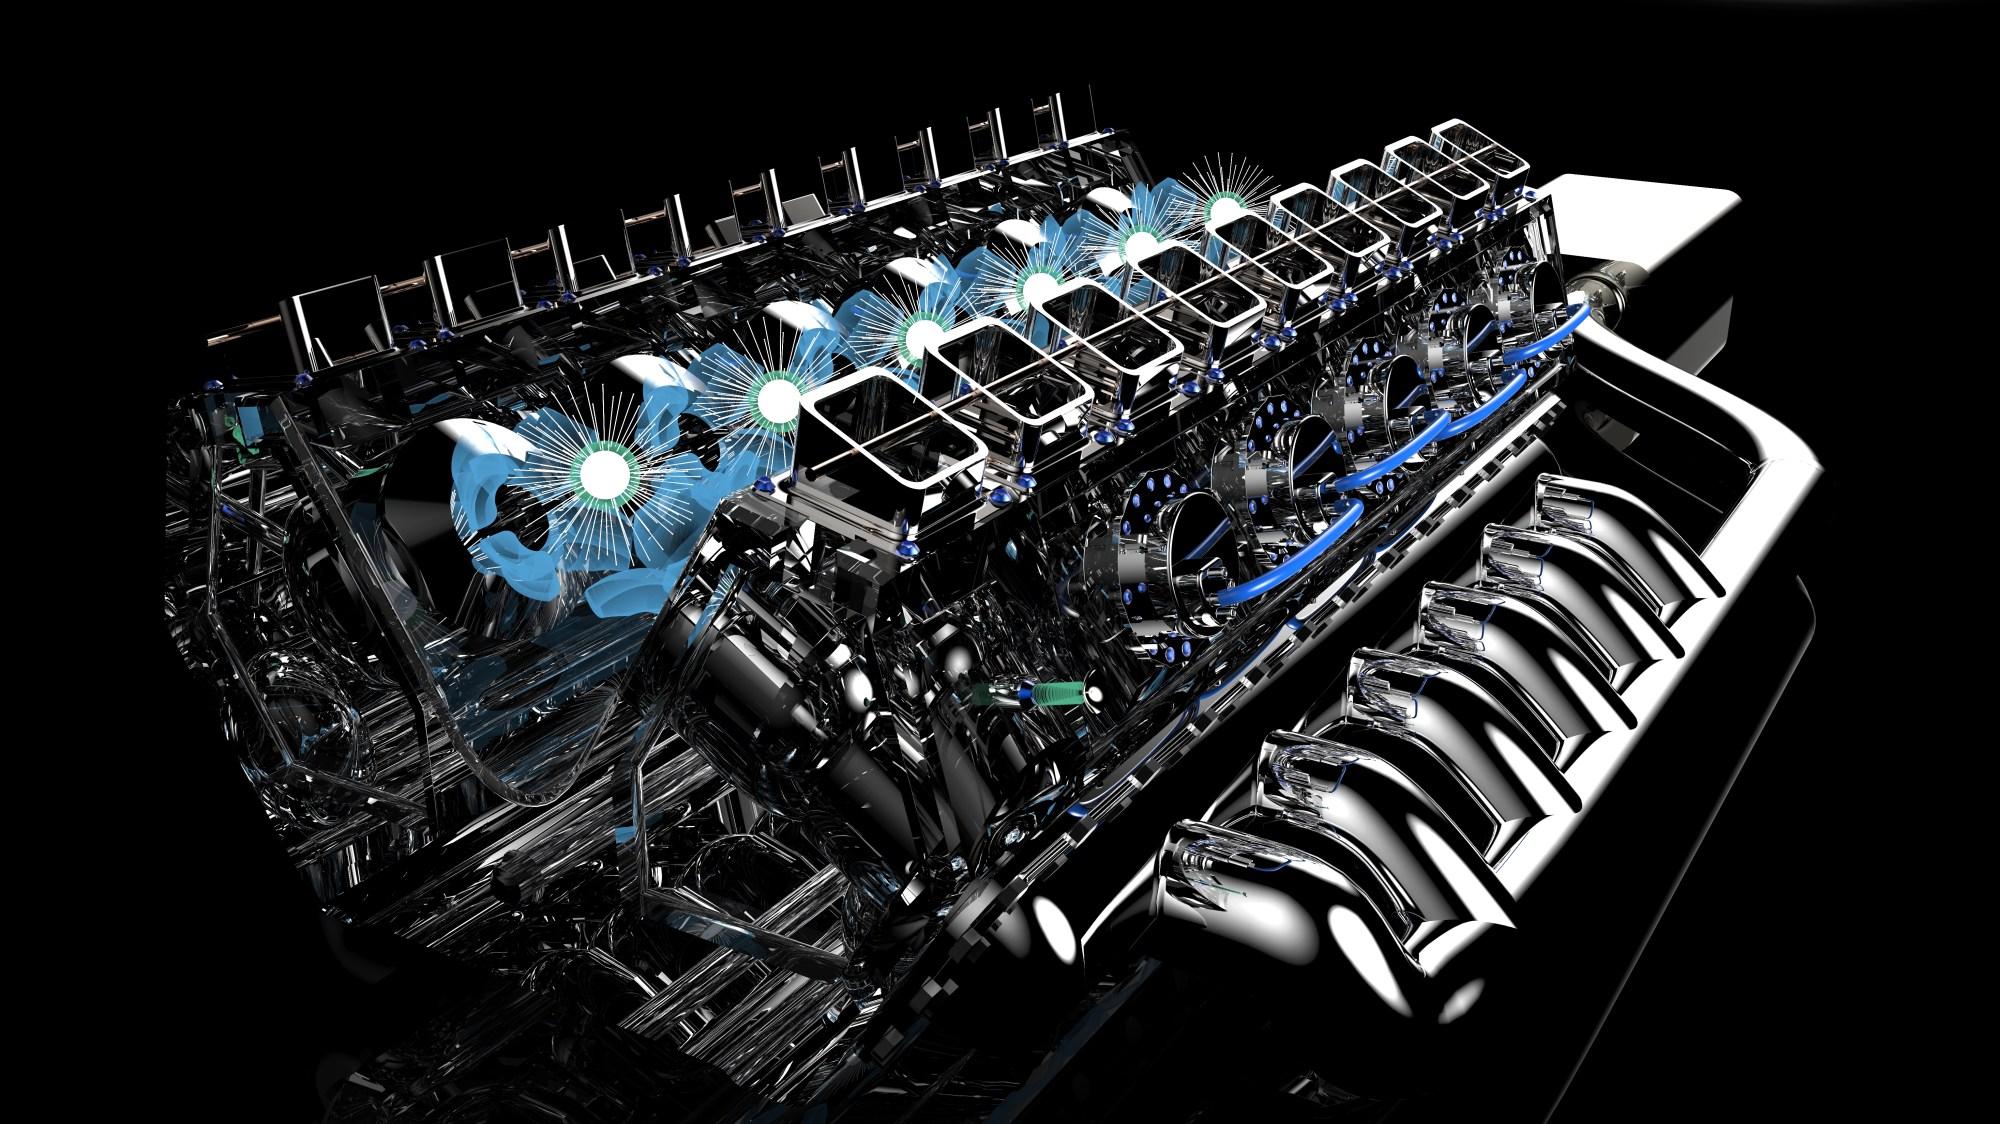 hight resolution of mercedes benz v12 engine diagram mercedes free engine 2008 mercedes benz c300 fuse diagram 2008 mercedes